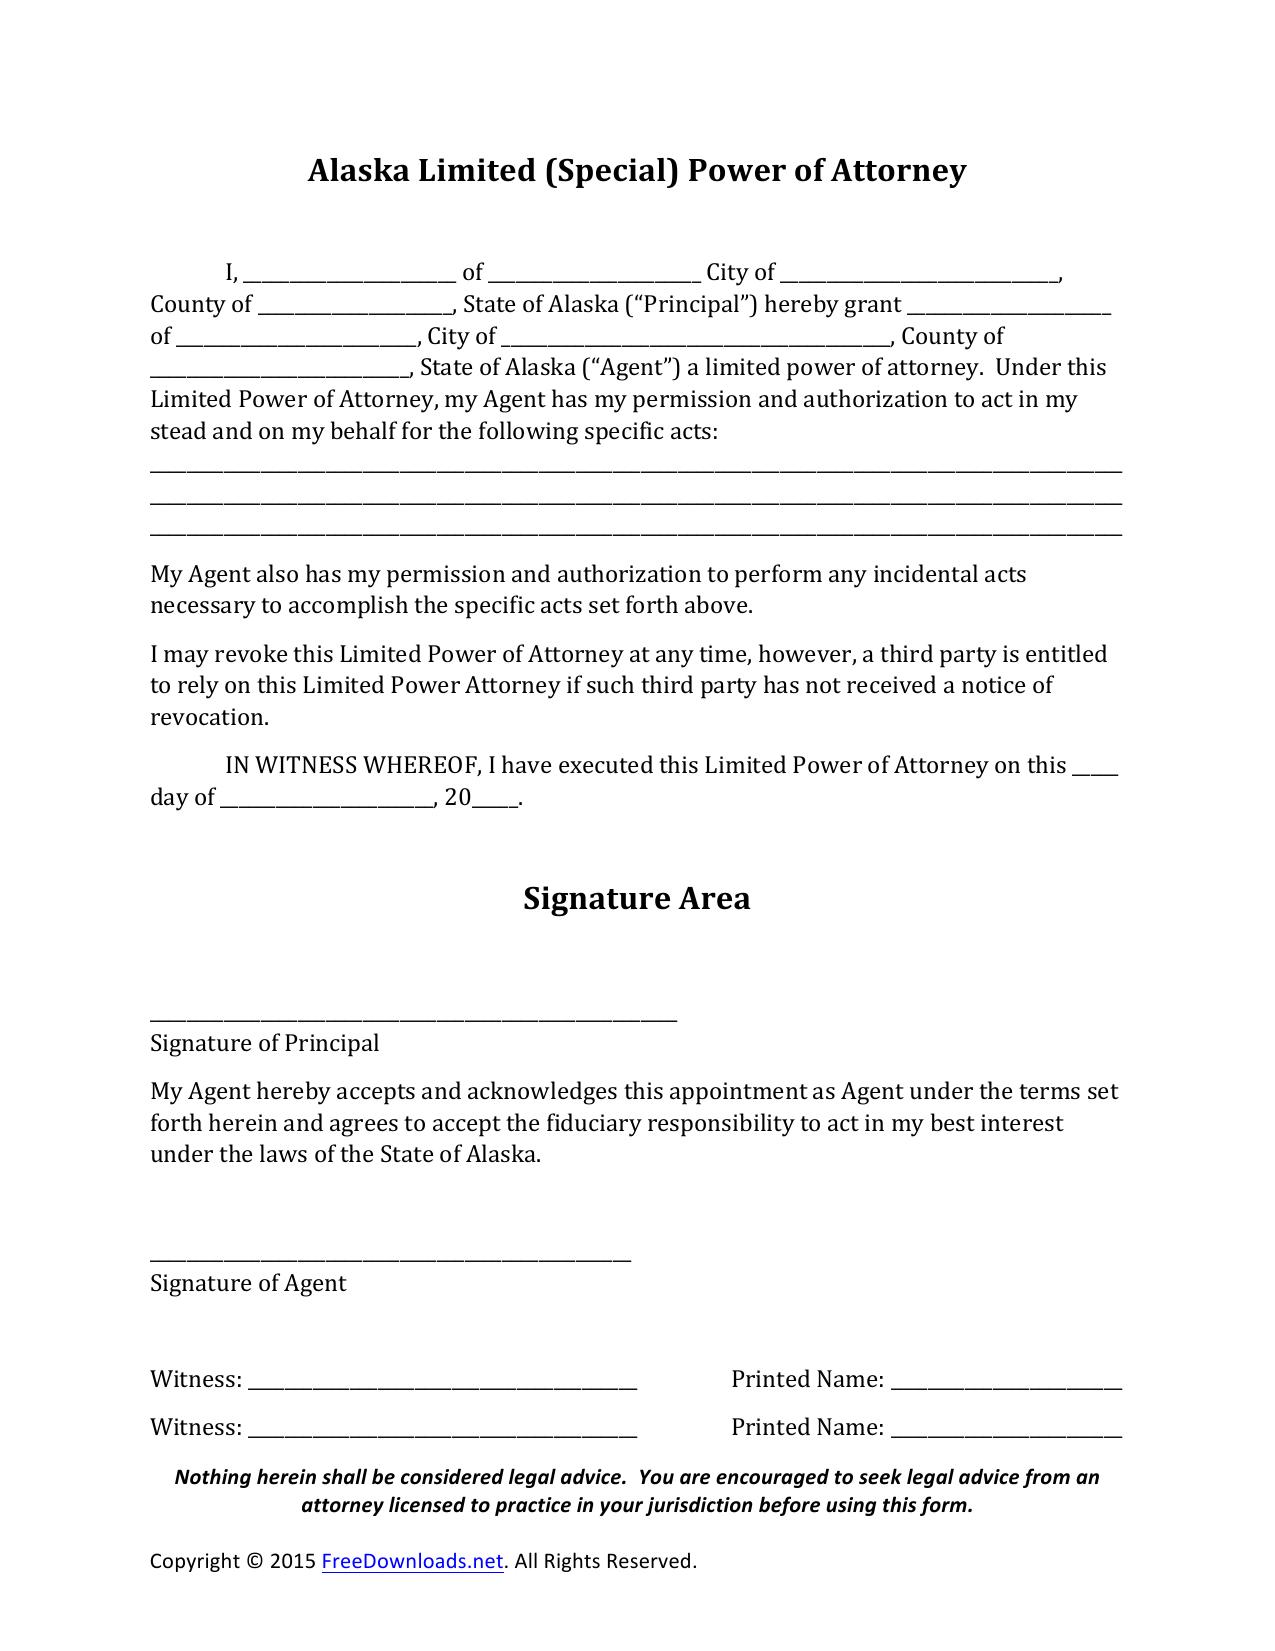 power of attorney form alaska  Download Alaska Special Financial Power of Attorney Form ...